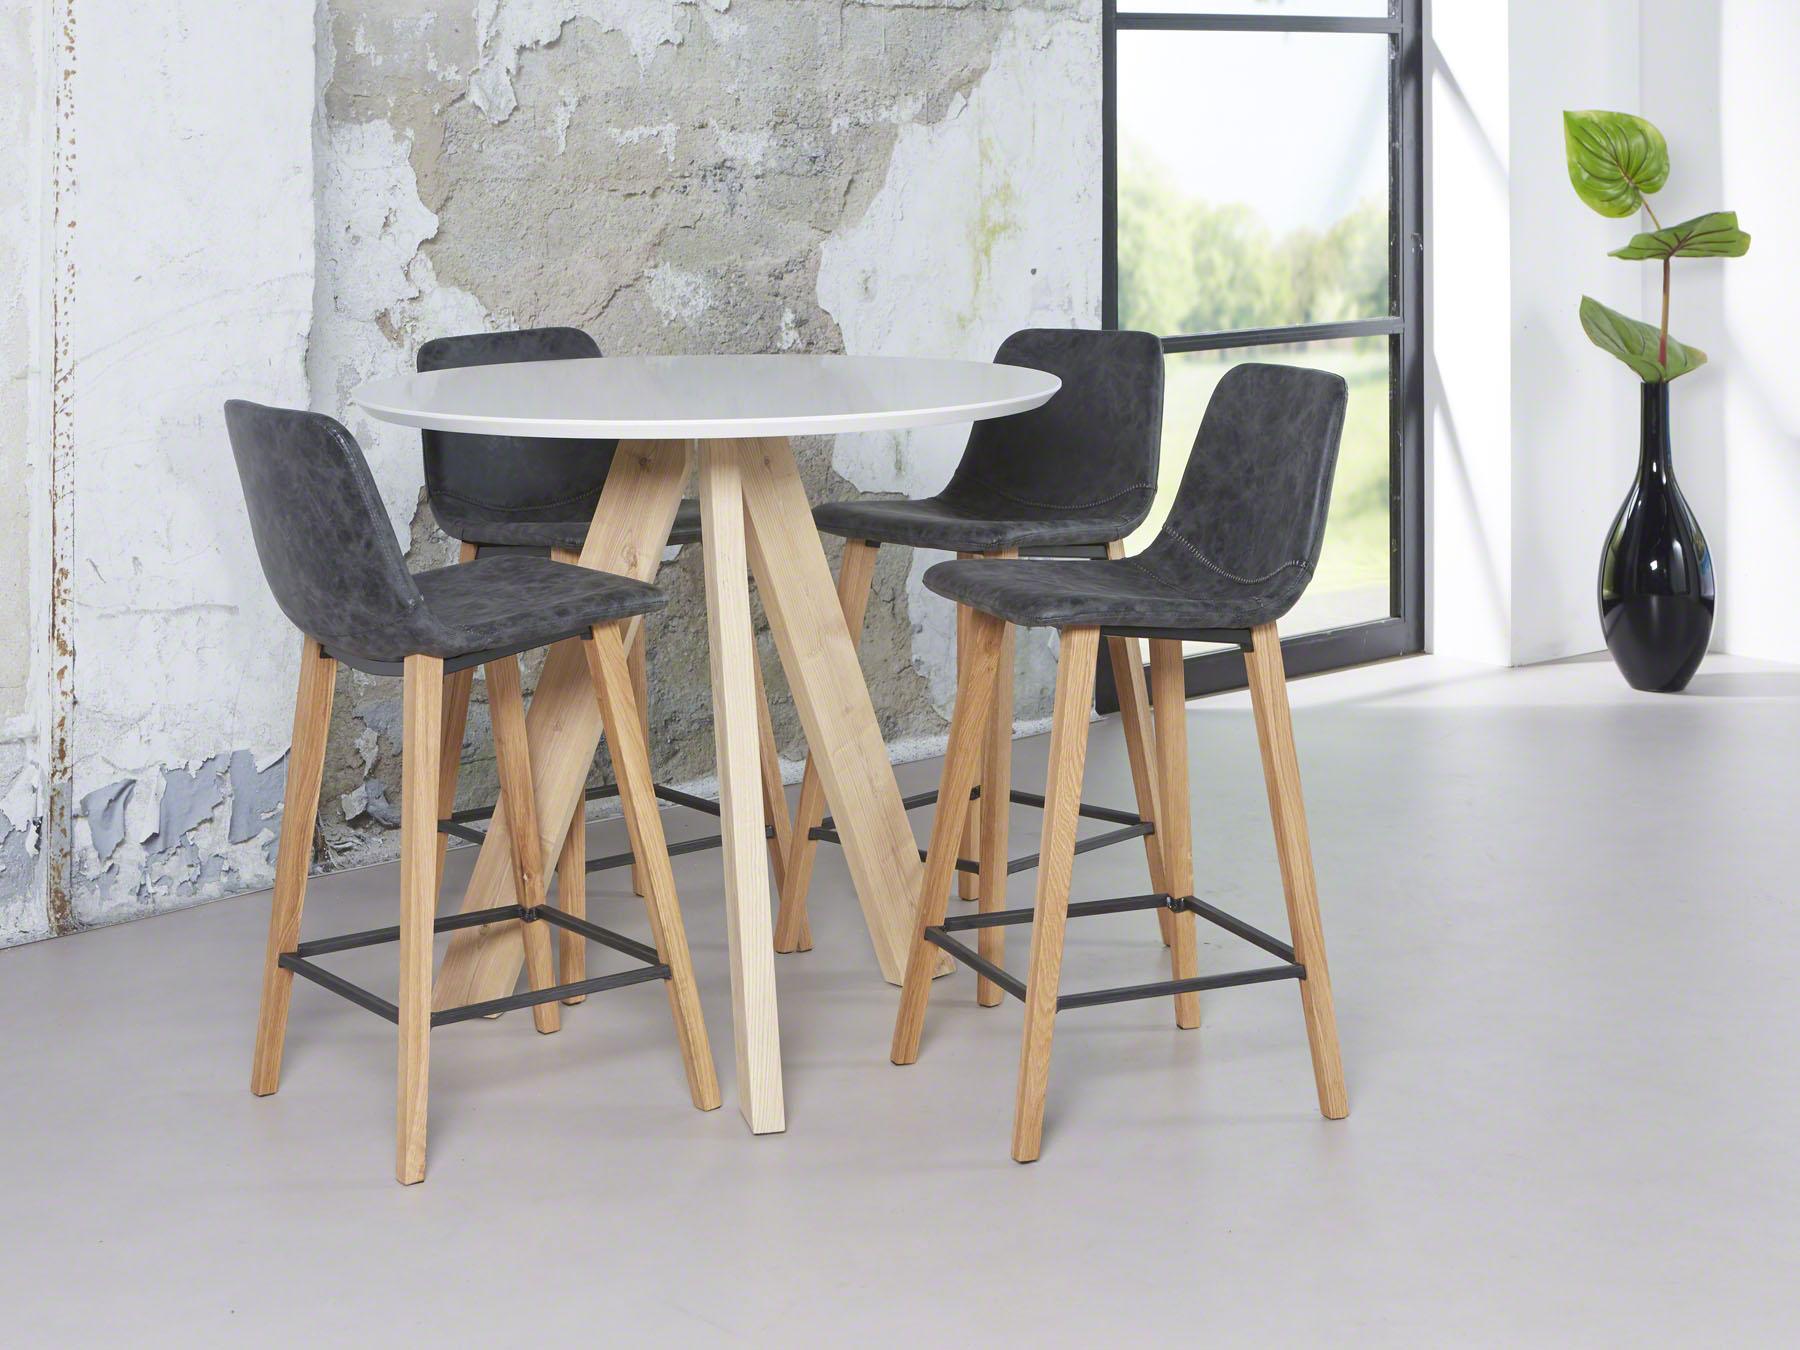 Moderne Witte Barstoelen.Barkruk Met Eiken Poten Zwarte En Witte Hoogglans Meubelen Aktie Wonen Nl